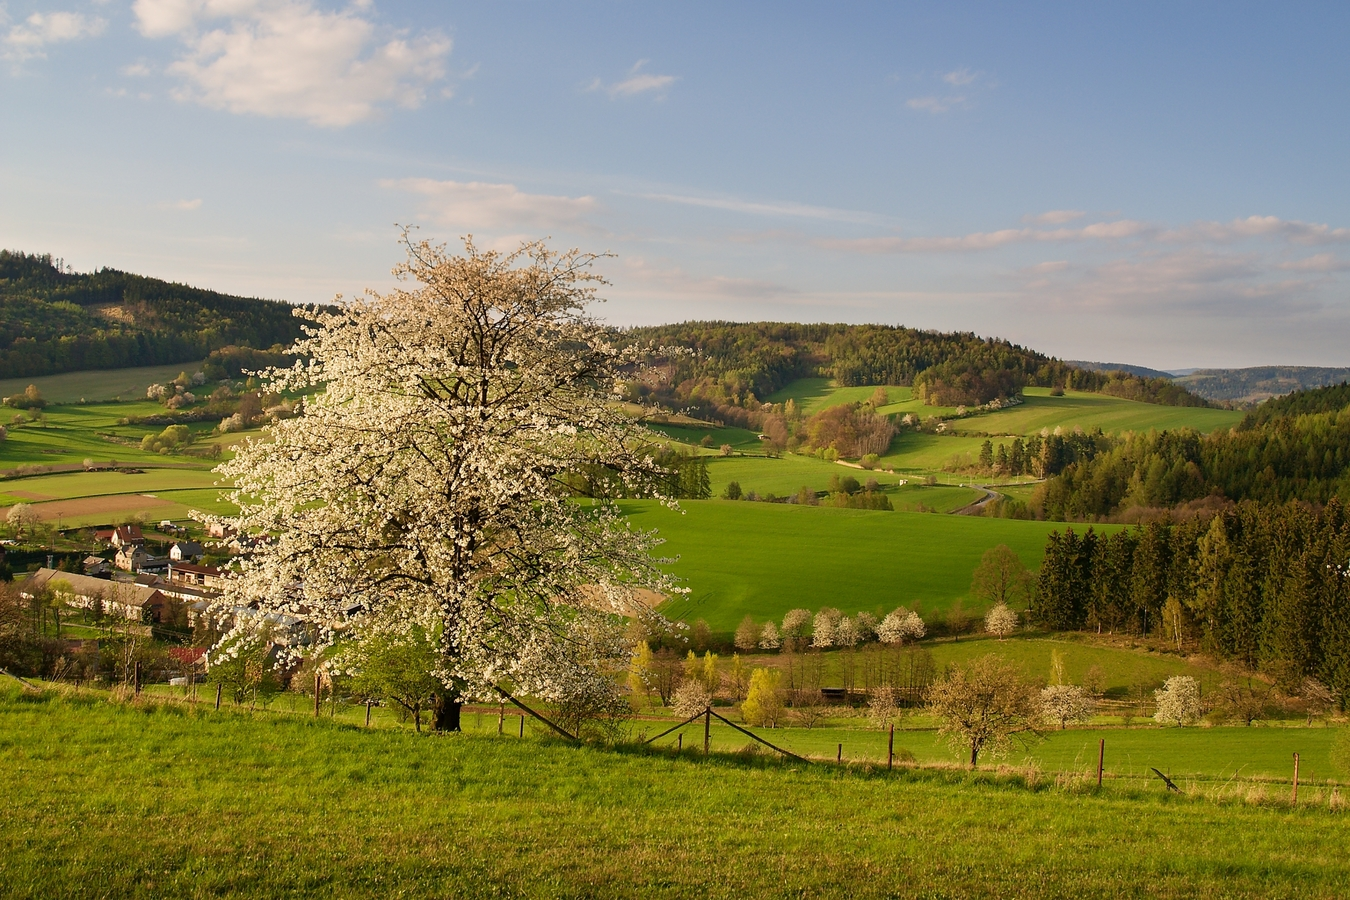 Už kvetou třešně